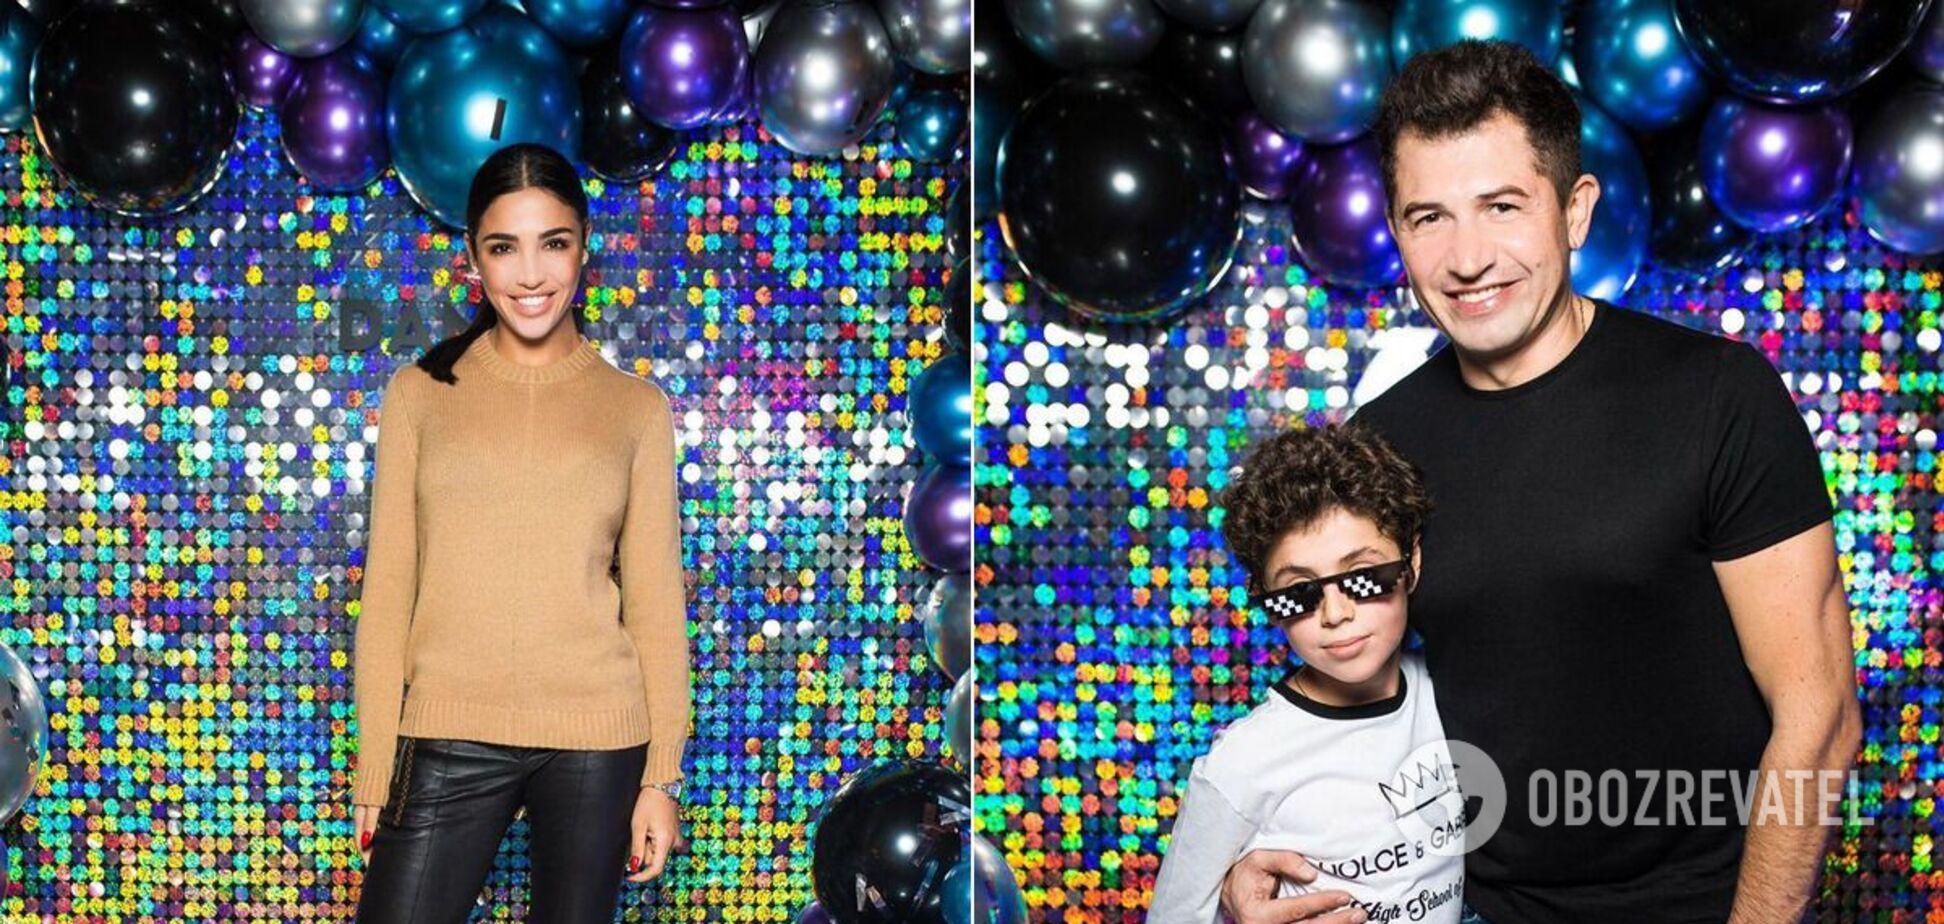 Син Санти Дімопулос відсвяткував день народження